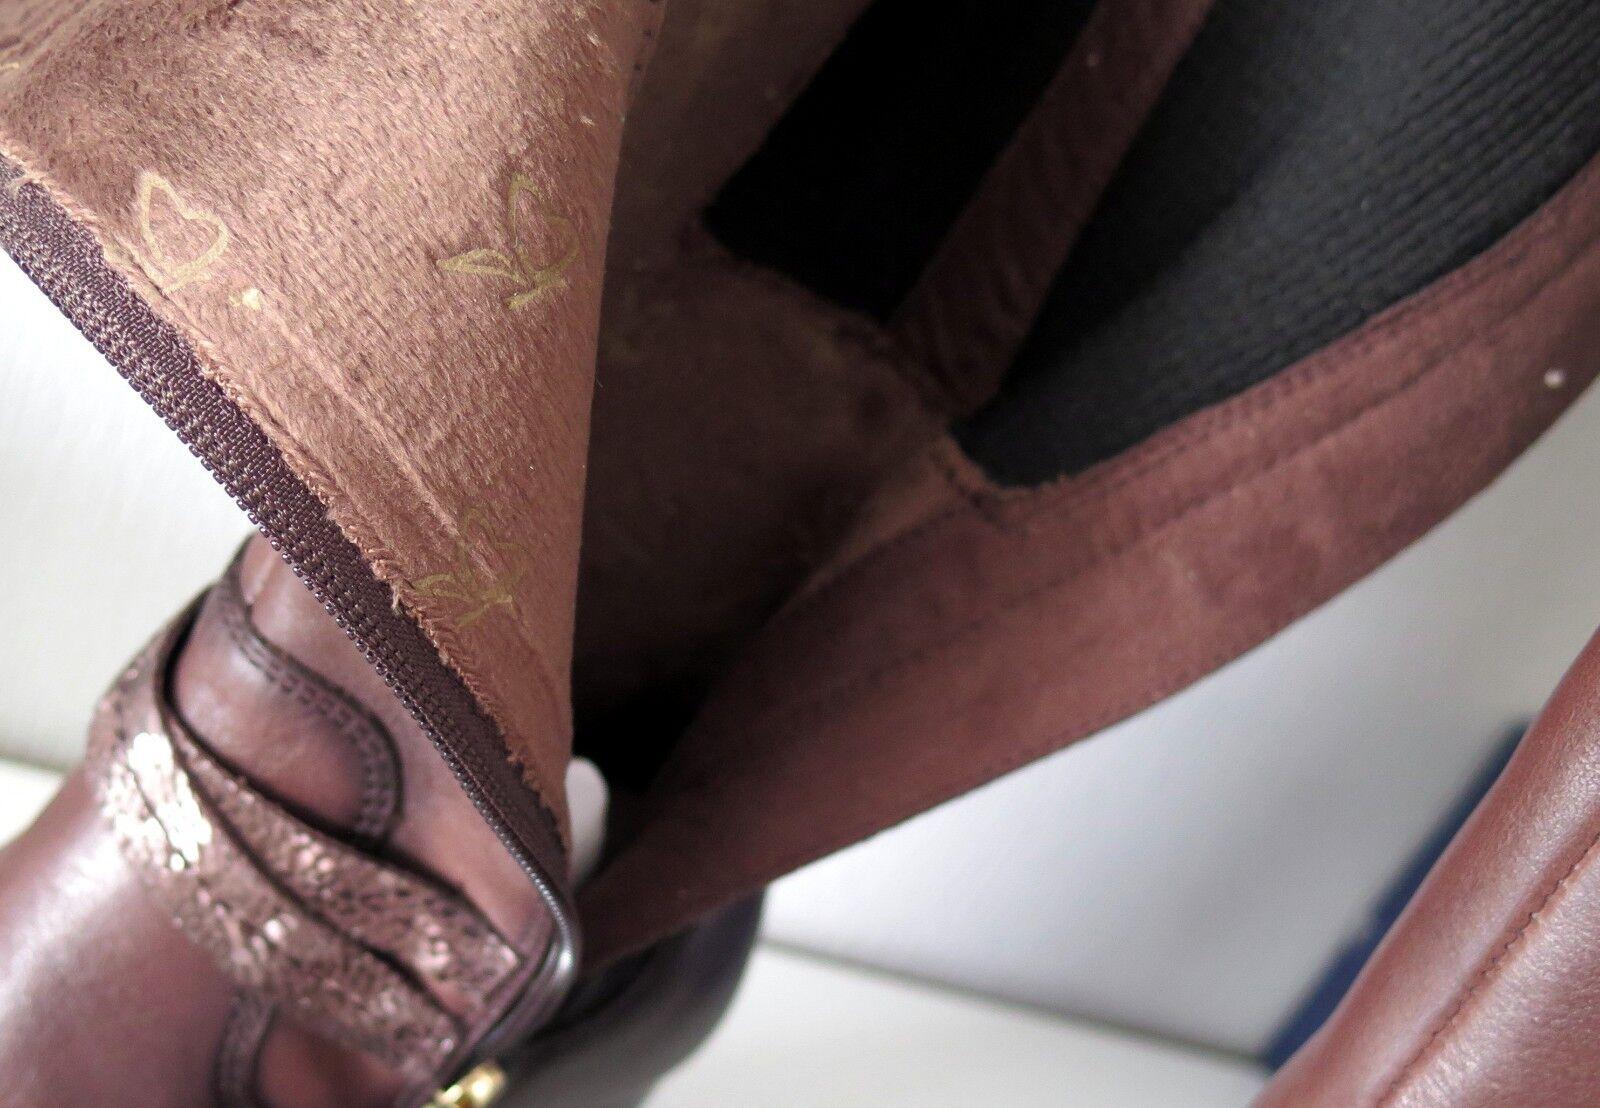 CAPRICE Stiefel Gr. 3 Echtleder 1/2 oder 36 Weite H Echtleder 3 braun cafea2